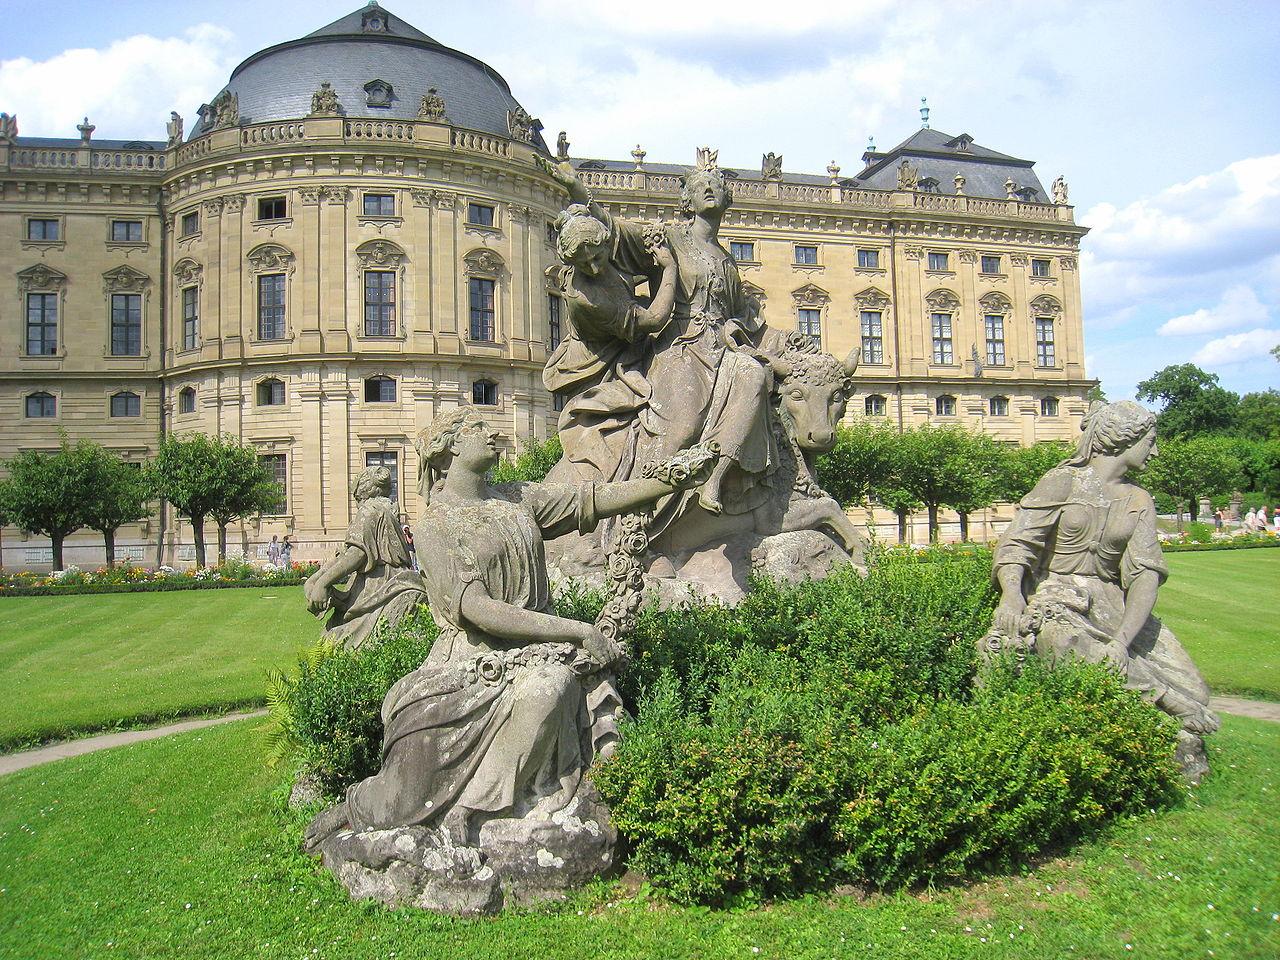 Вюрцбургская резиденция, скульптурная композиция в саду